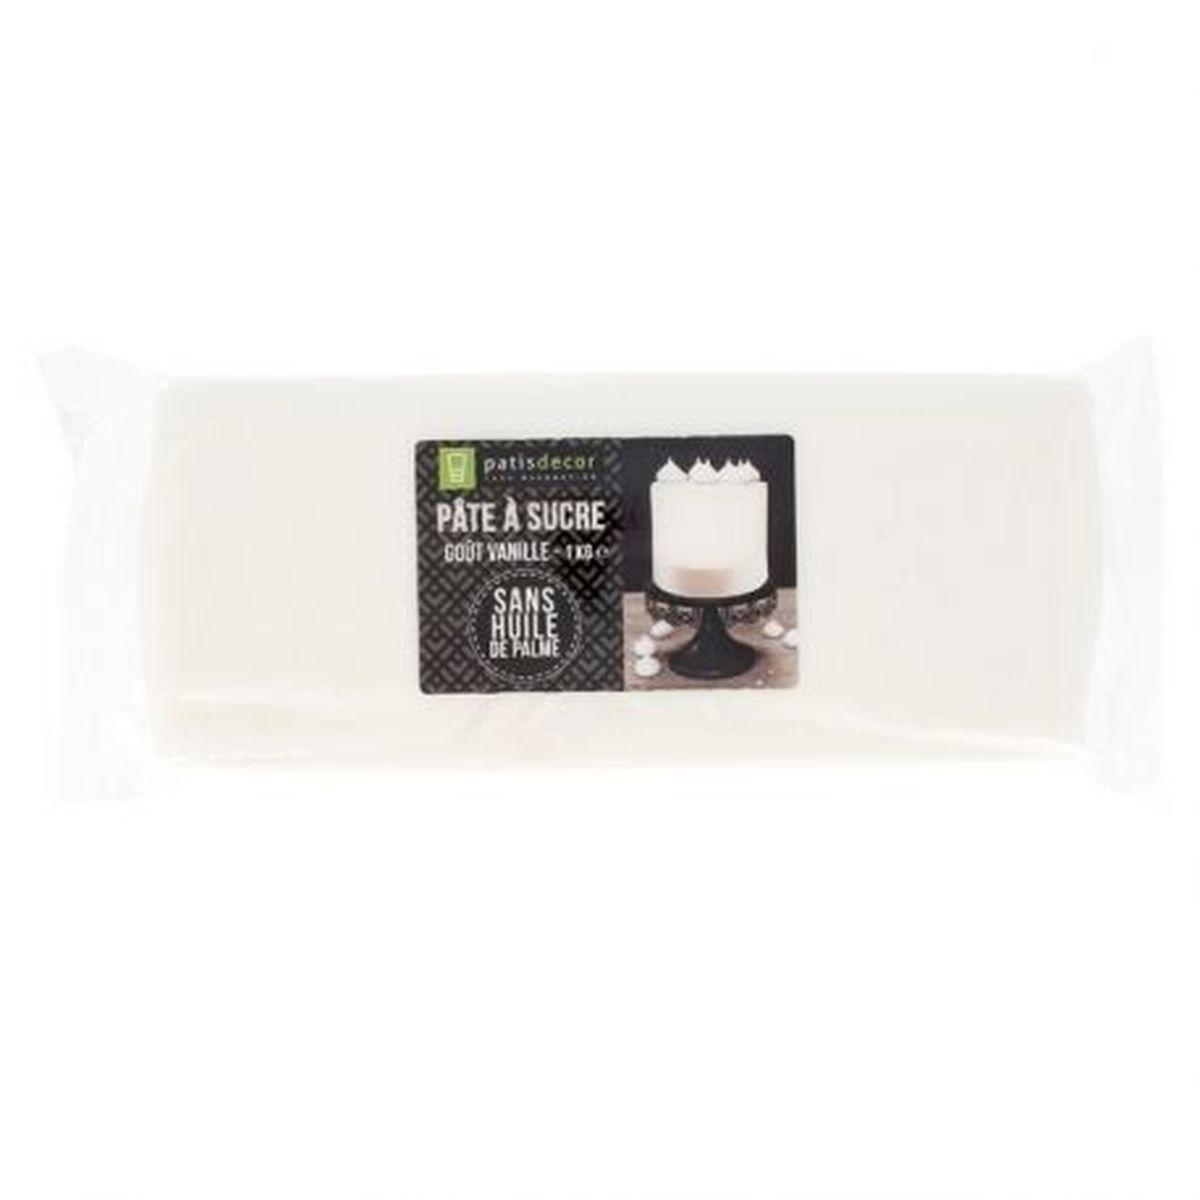 Pâte à sucre blanche arôme vanille 1KG - Patisdécor